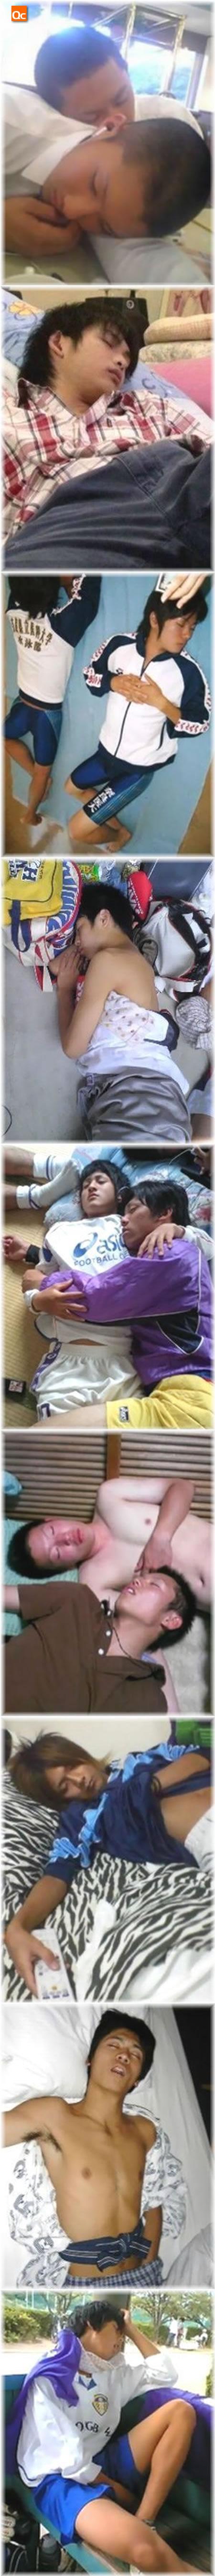 沉睡中的可愛亞男